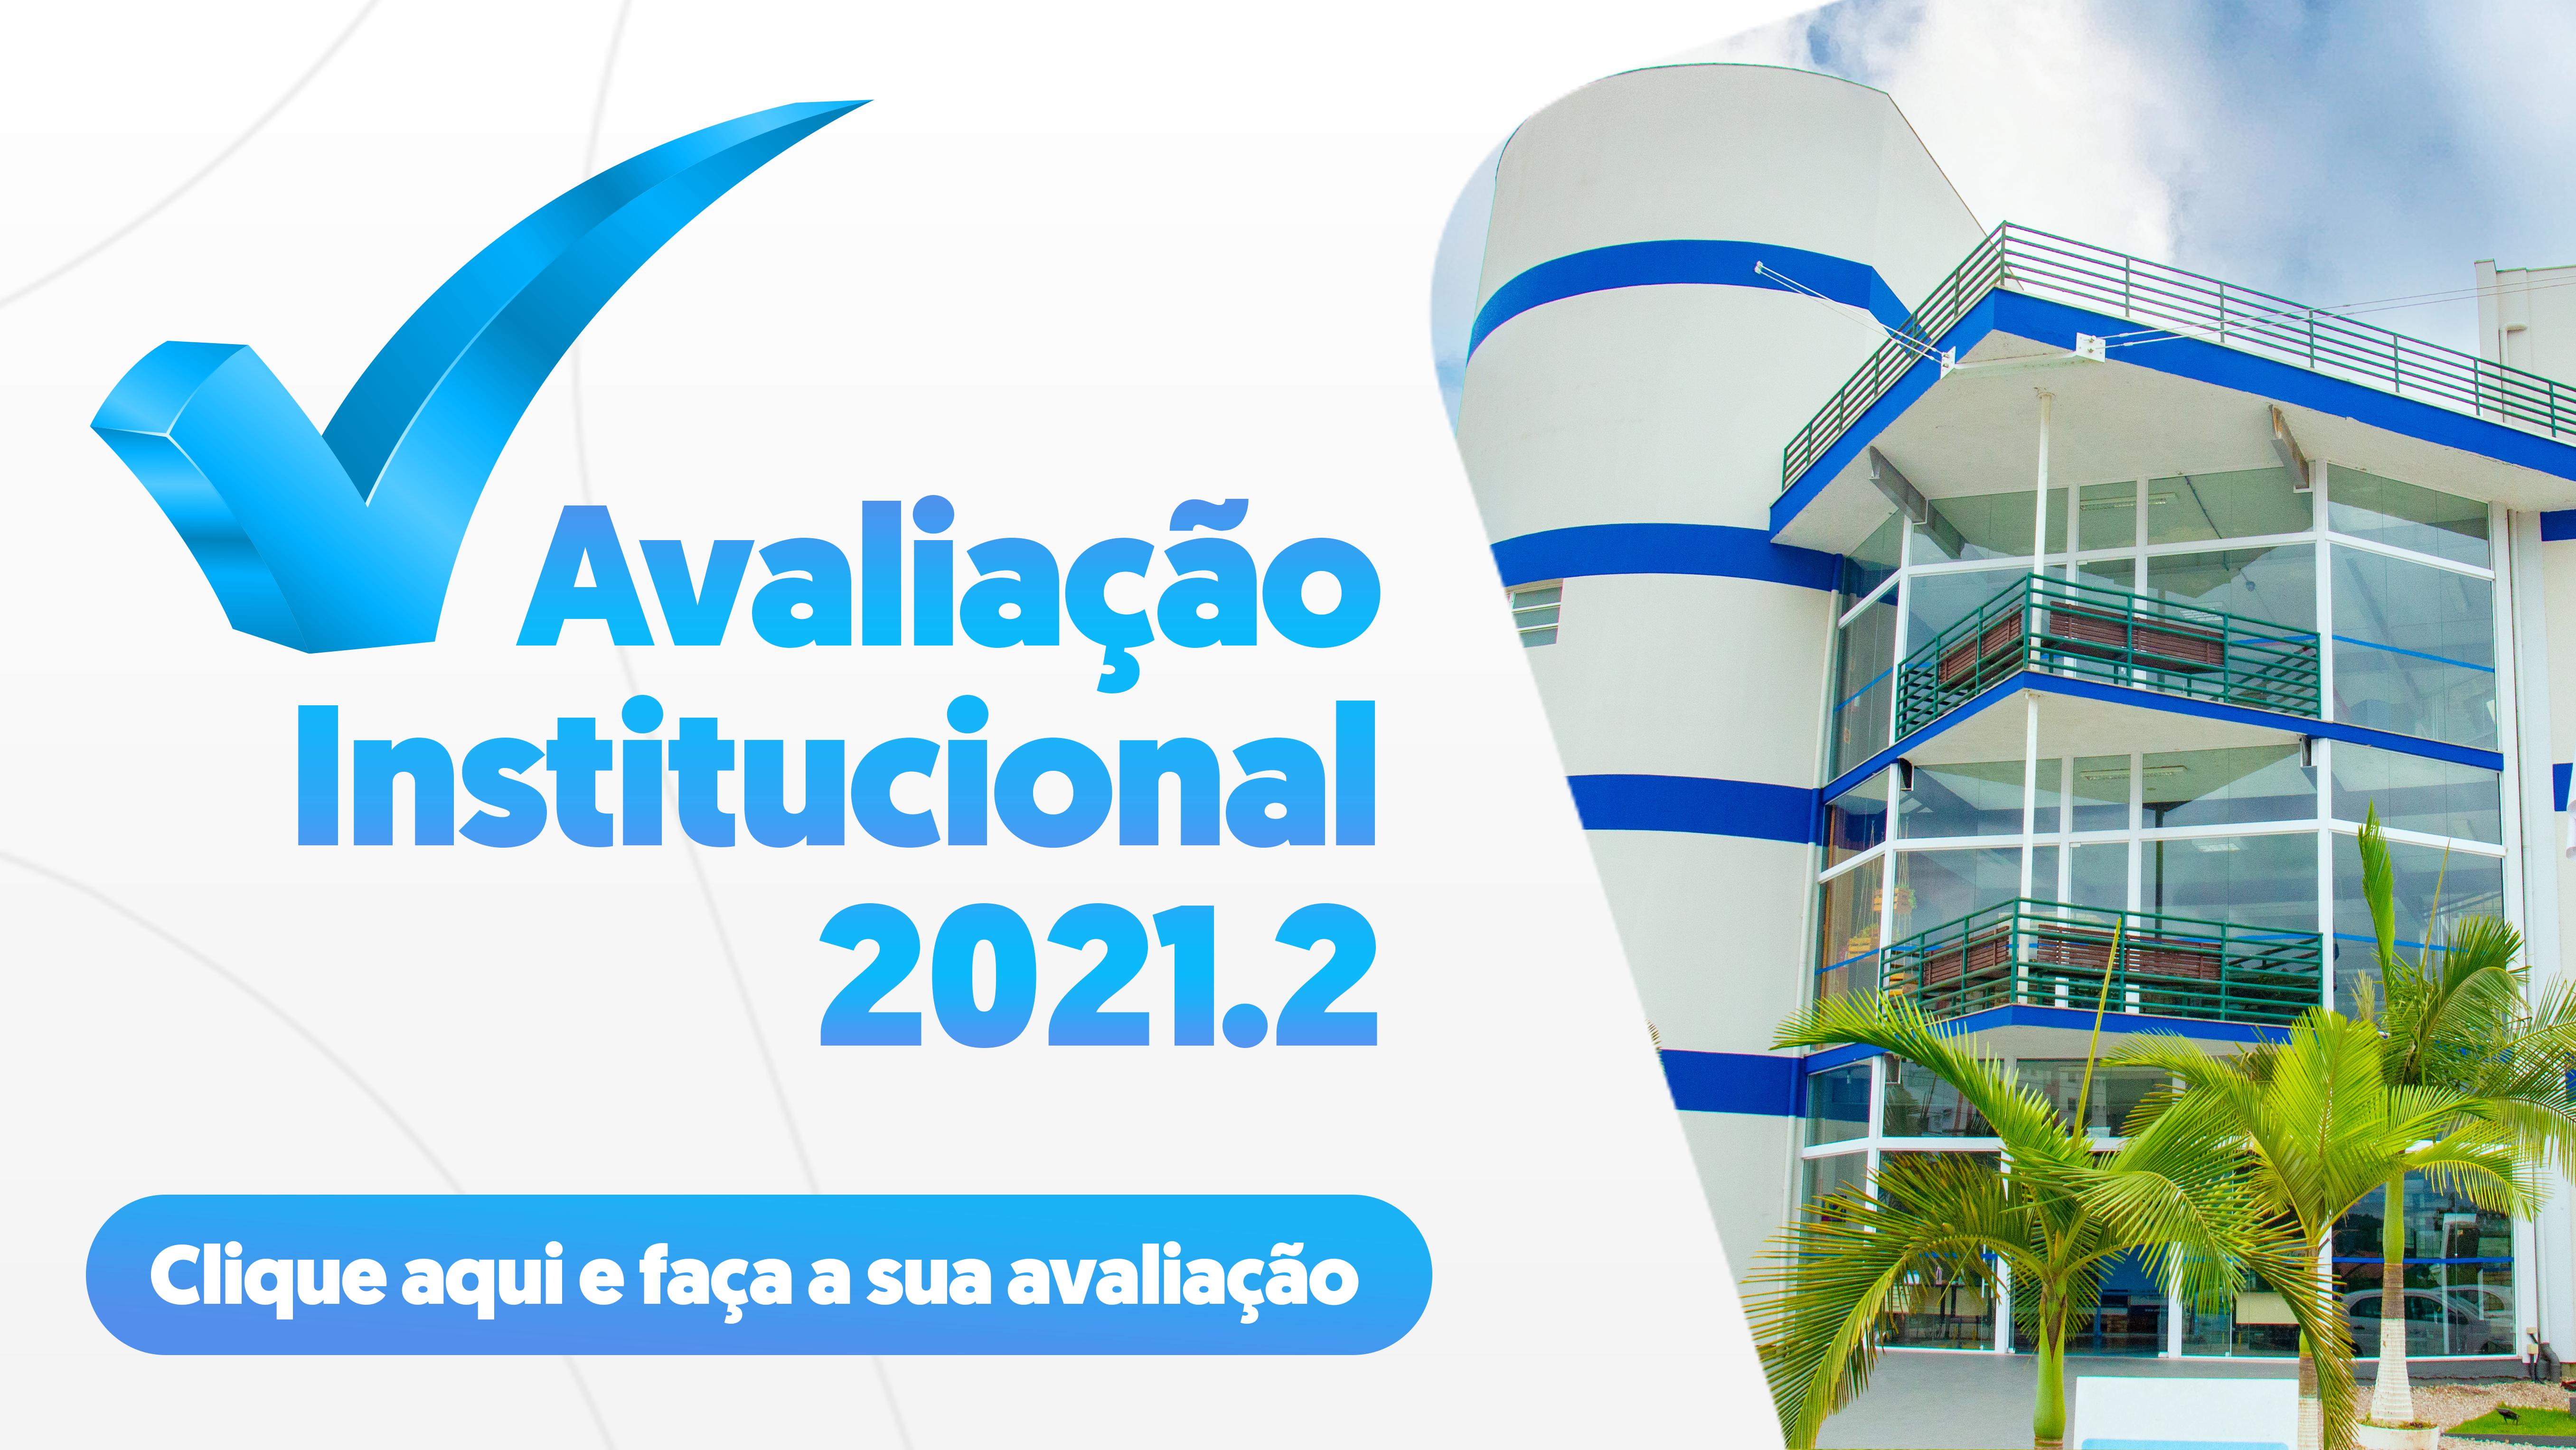 MOBILE -Avaliação Institucional 2021.2